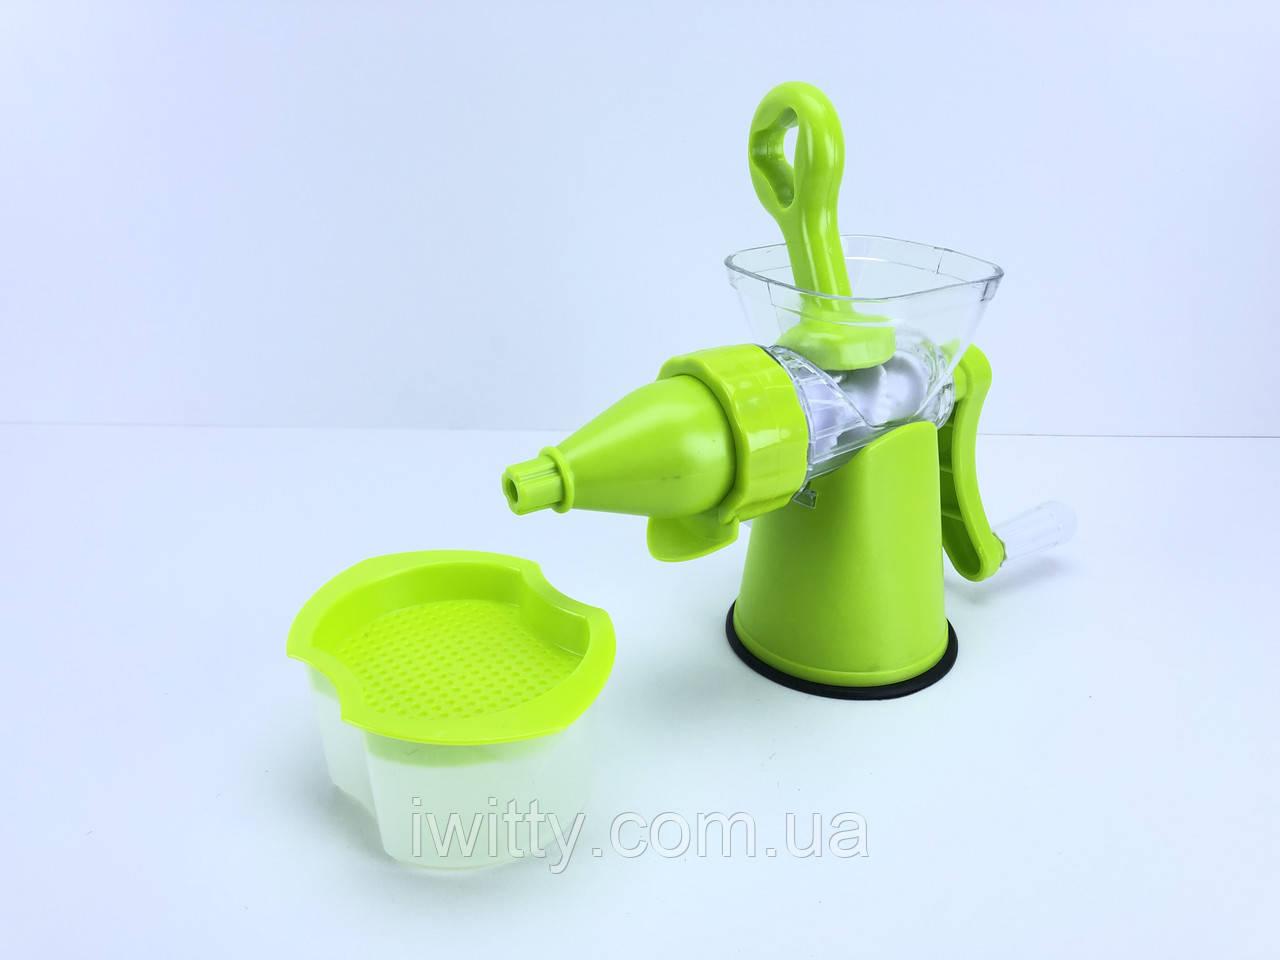 Соковыжималка для овощей и фруктов Multi-Function Juicing Machine